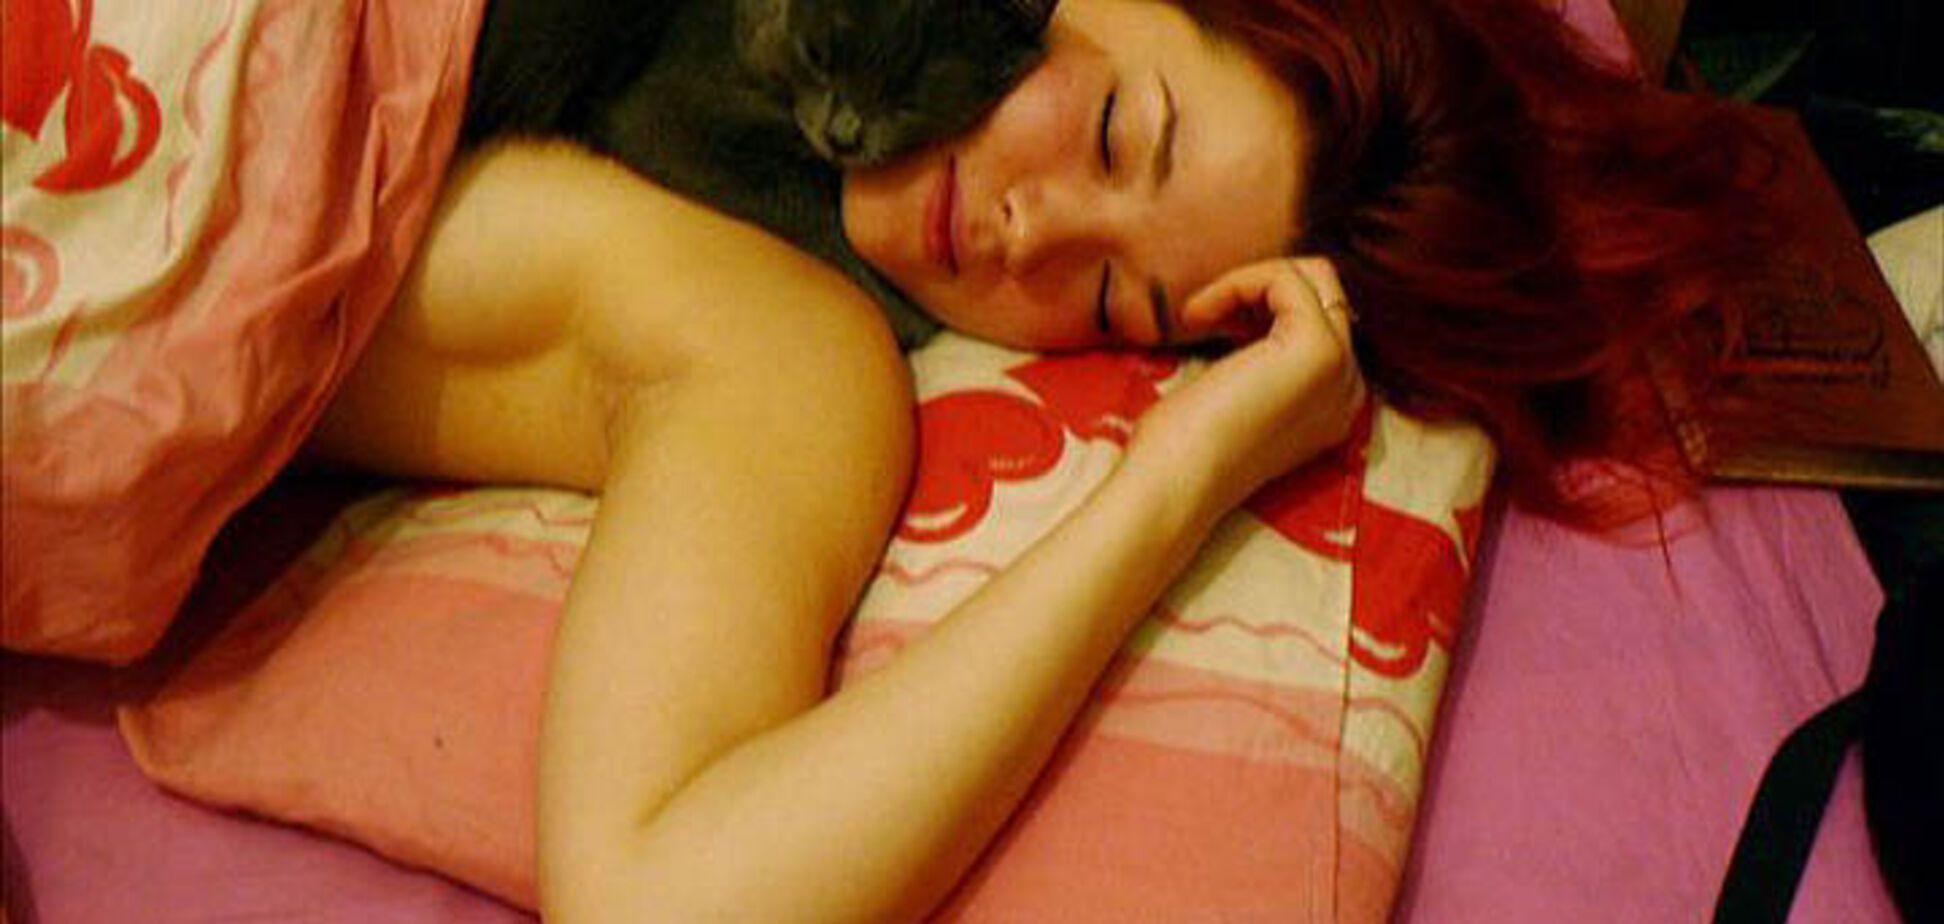 Для затравки - кицька сплячої дівчини